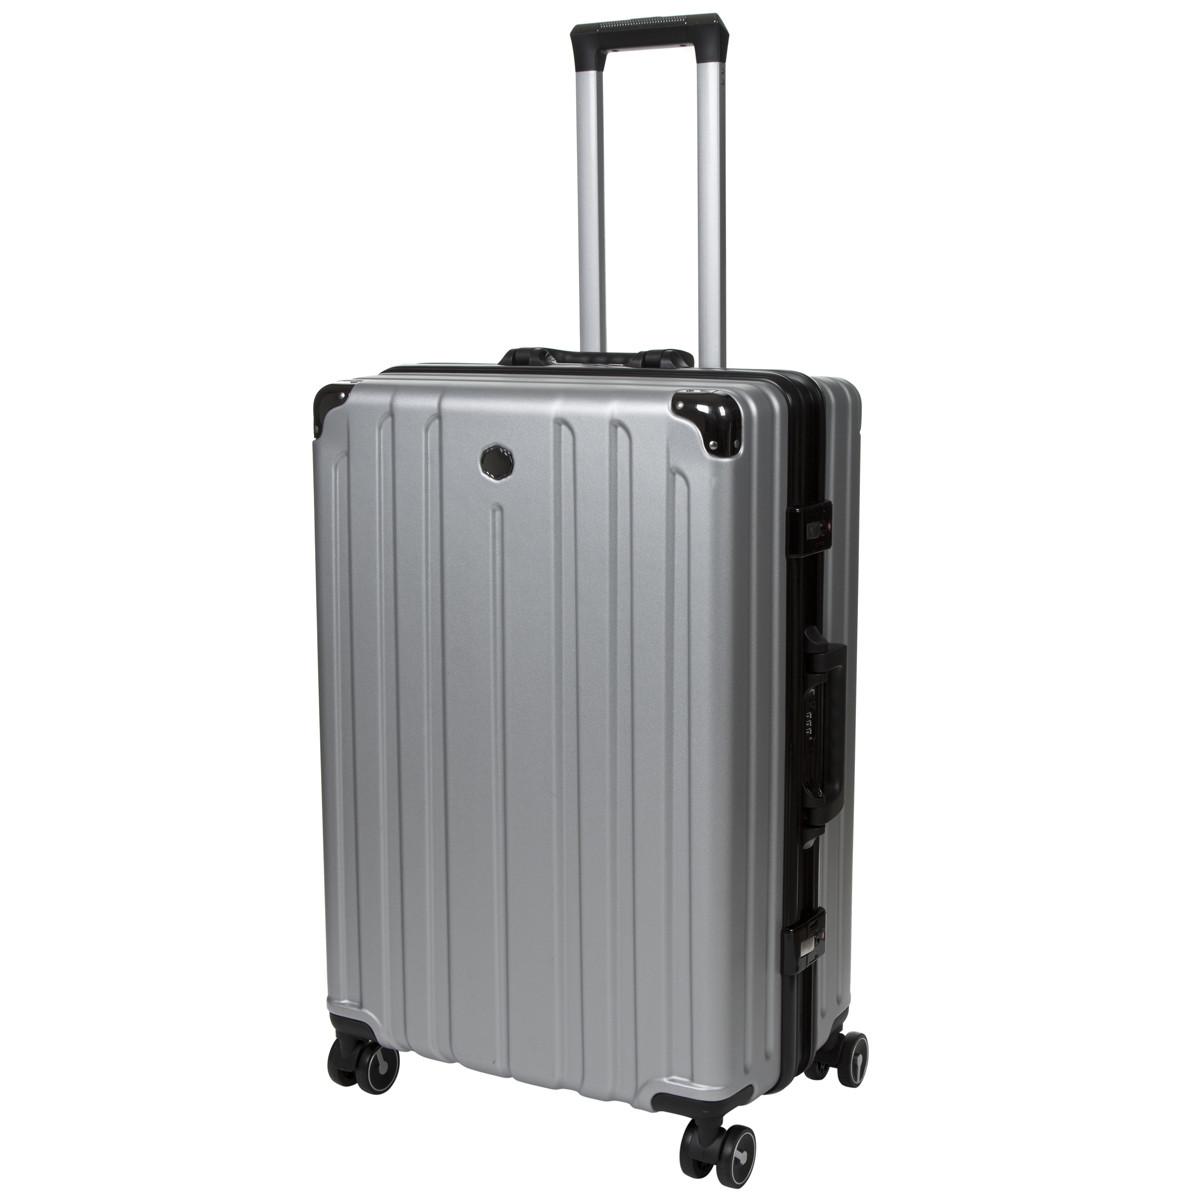 Валіза OUPAI великий сірий пластик ABS алюмінієвий каркас кс1106-1серб